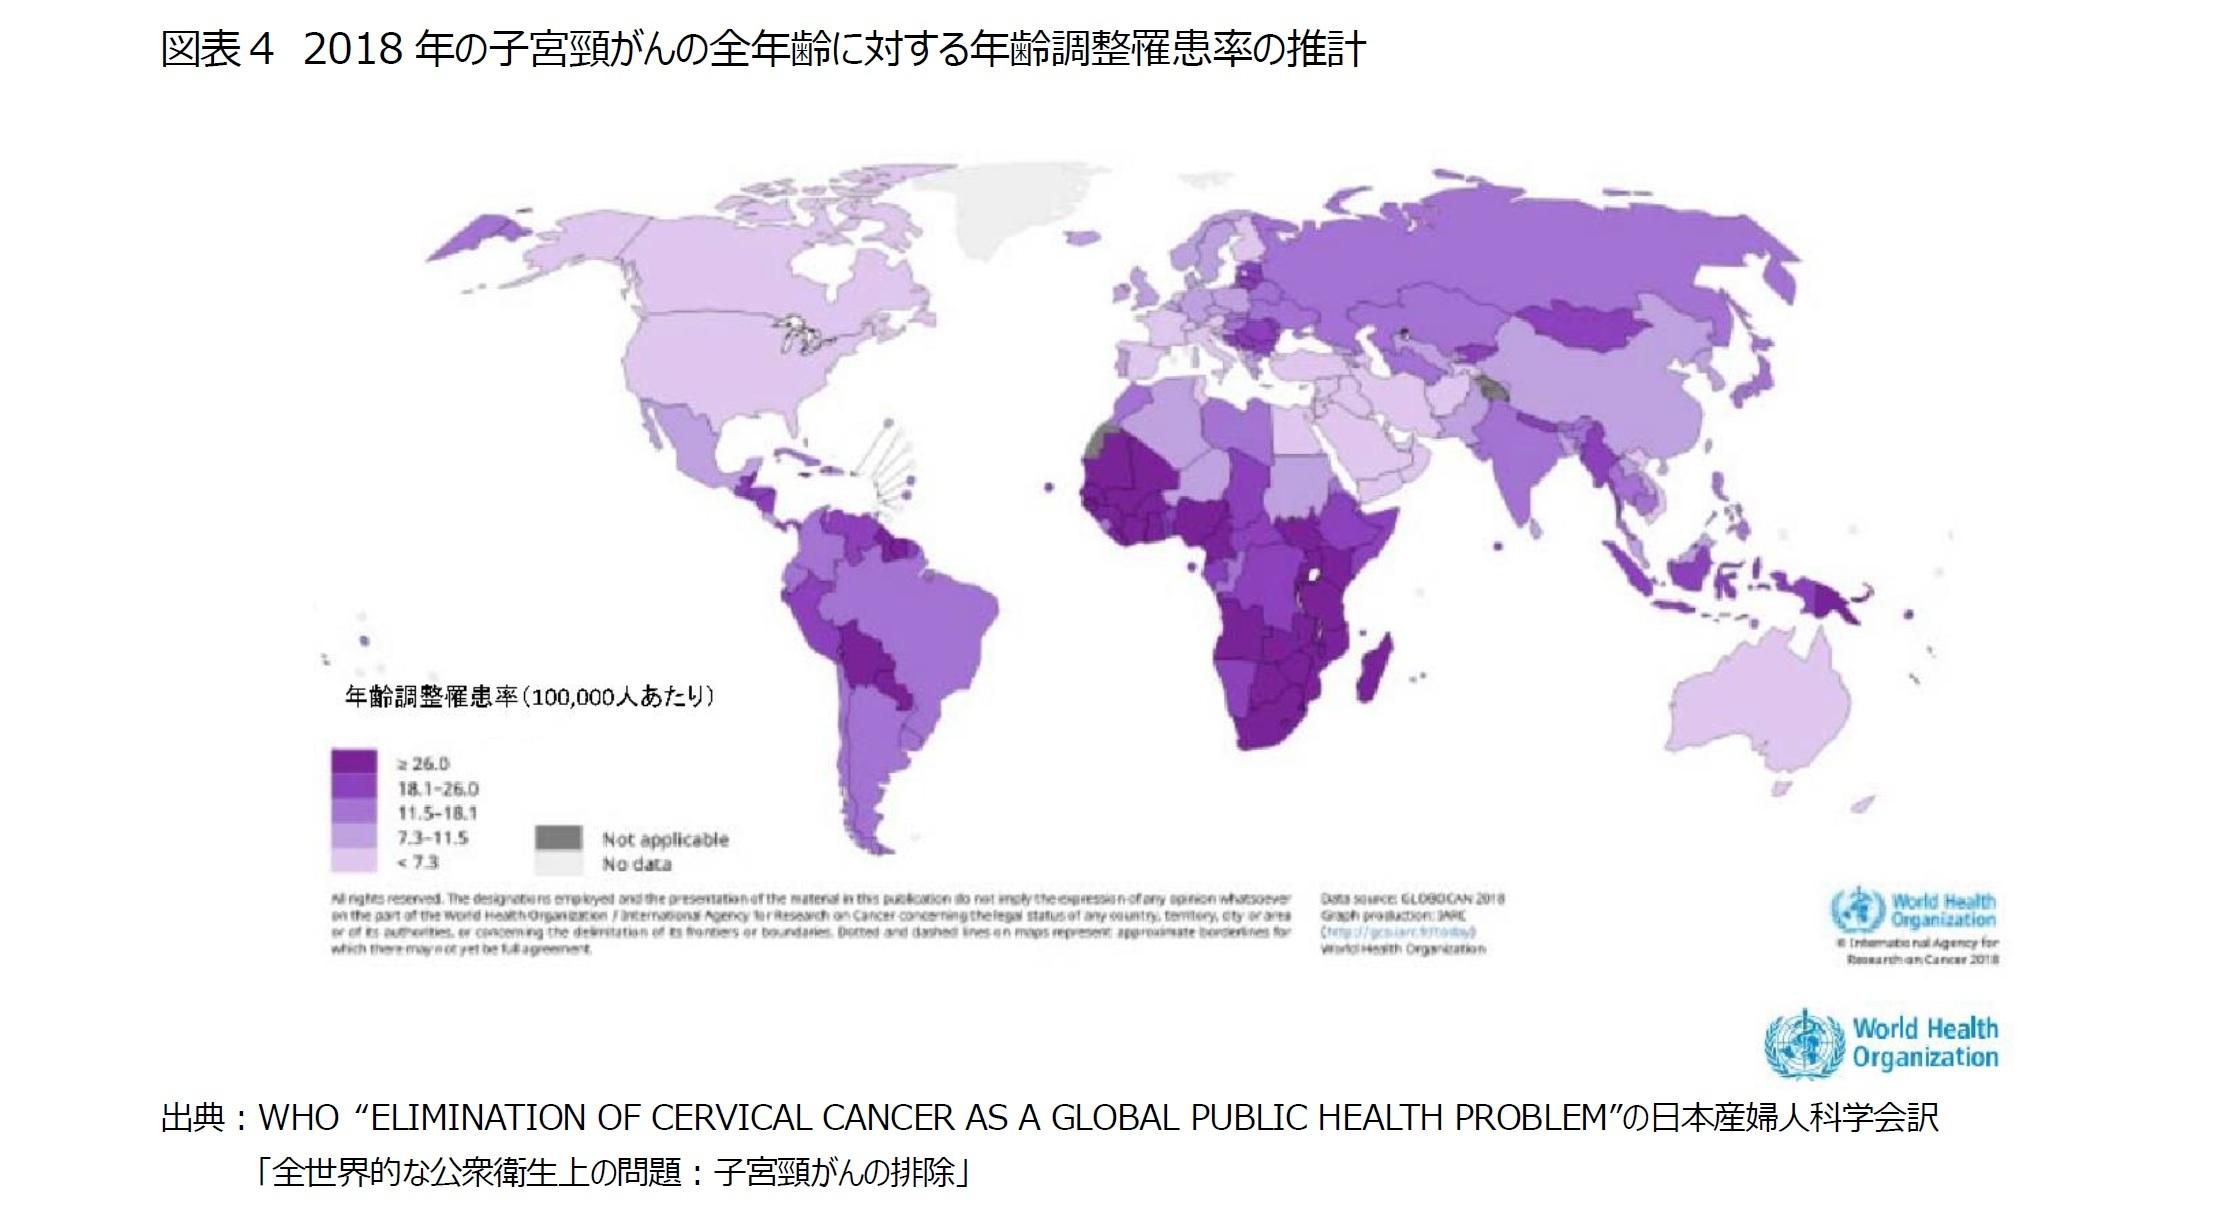 接種 ヒトパピローマ ウイルス 予防